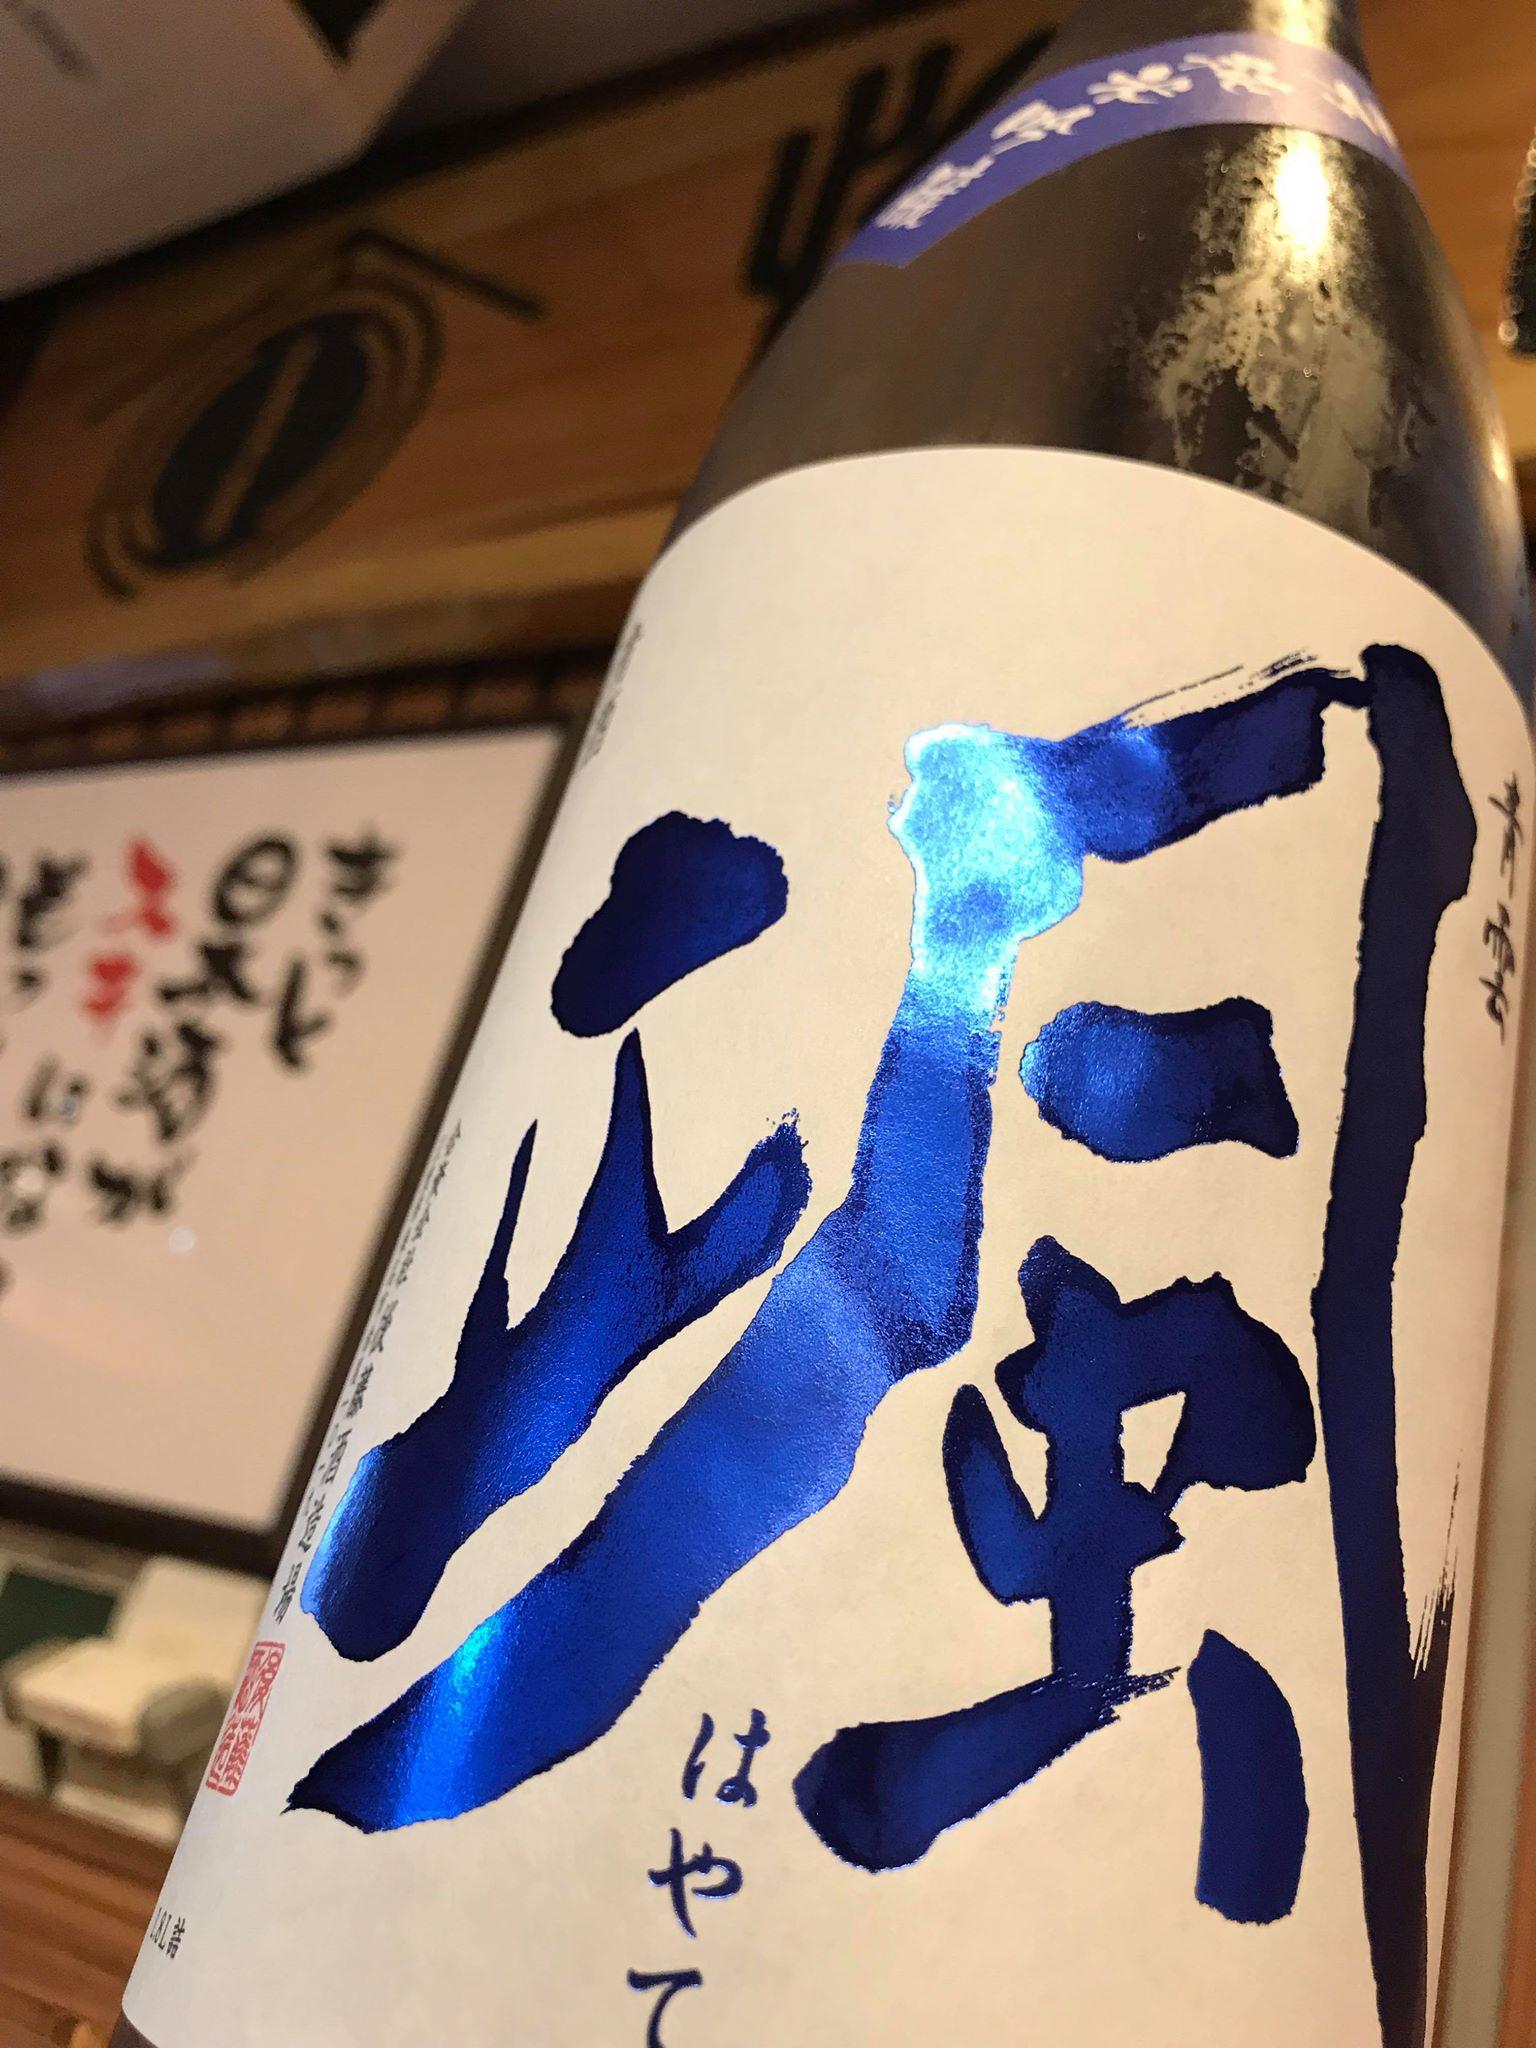 【日本酒】颯 夏乃純米吟醸 生貯蔵酒 氷温熟成SPver 五百万石55 限定 29BY_e0173738_15132369.jpg